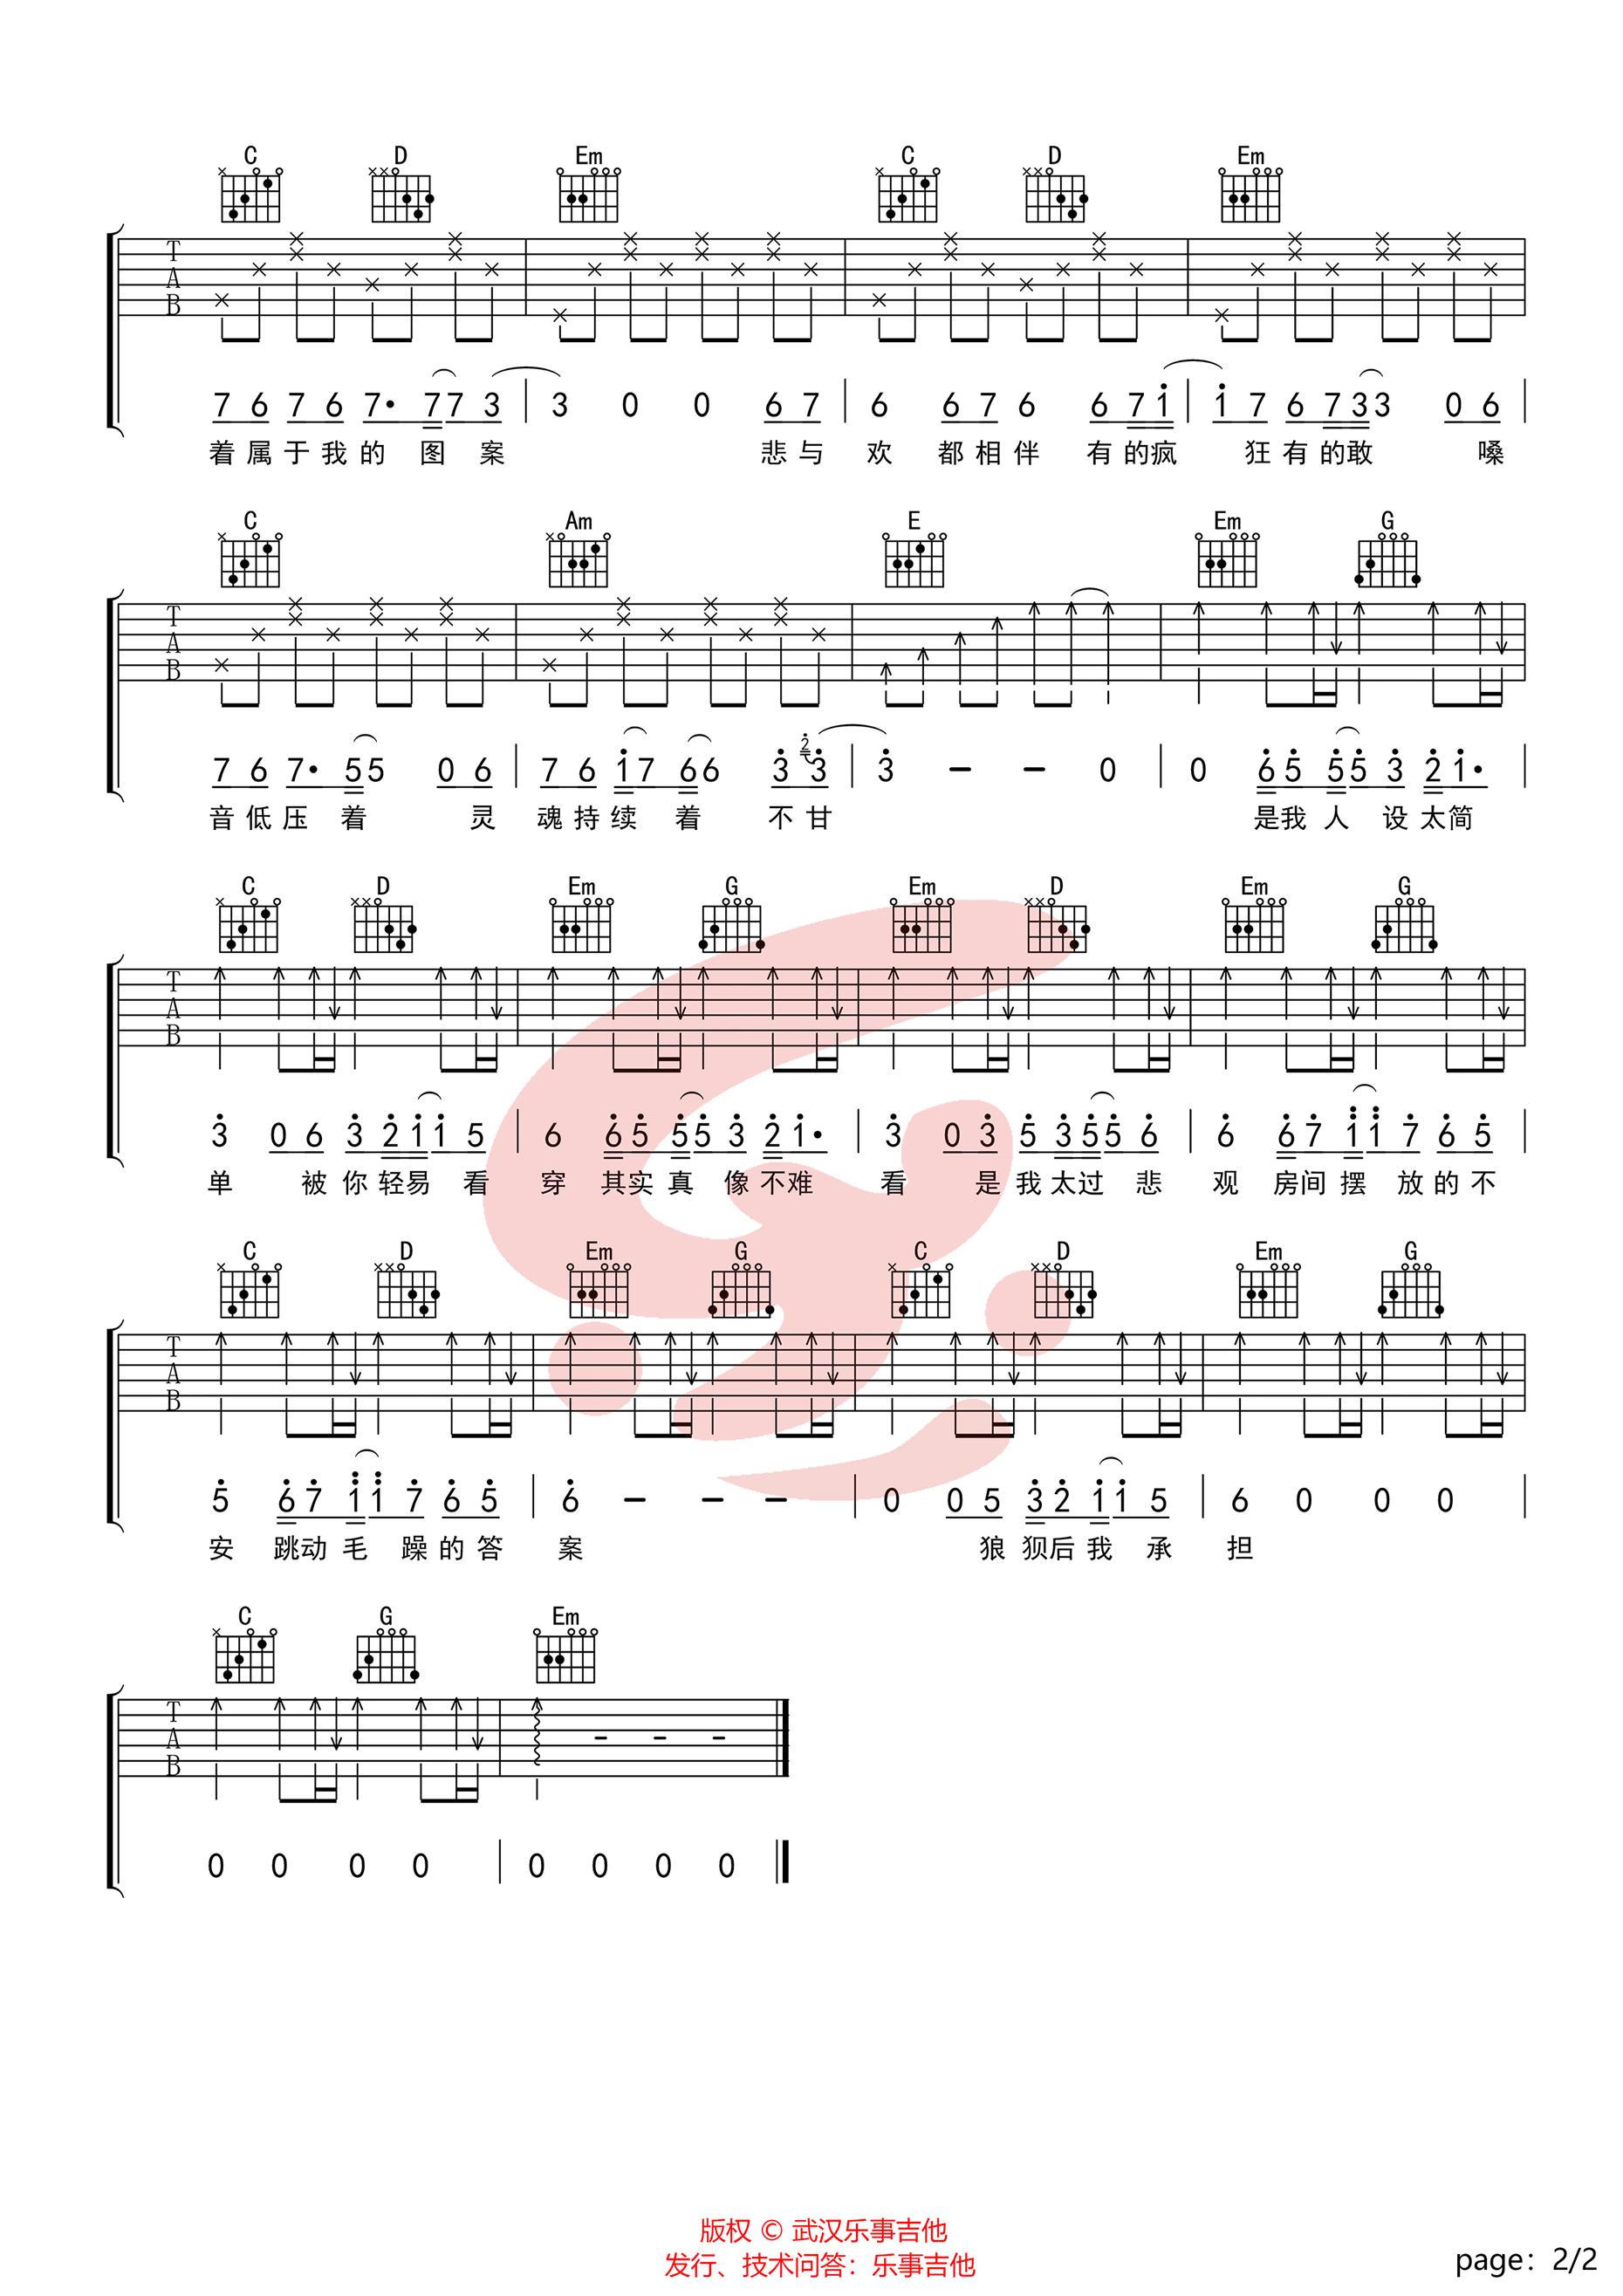 人設-孟凡明-图片吉他谱-2